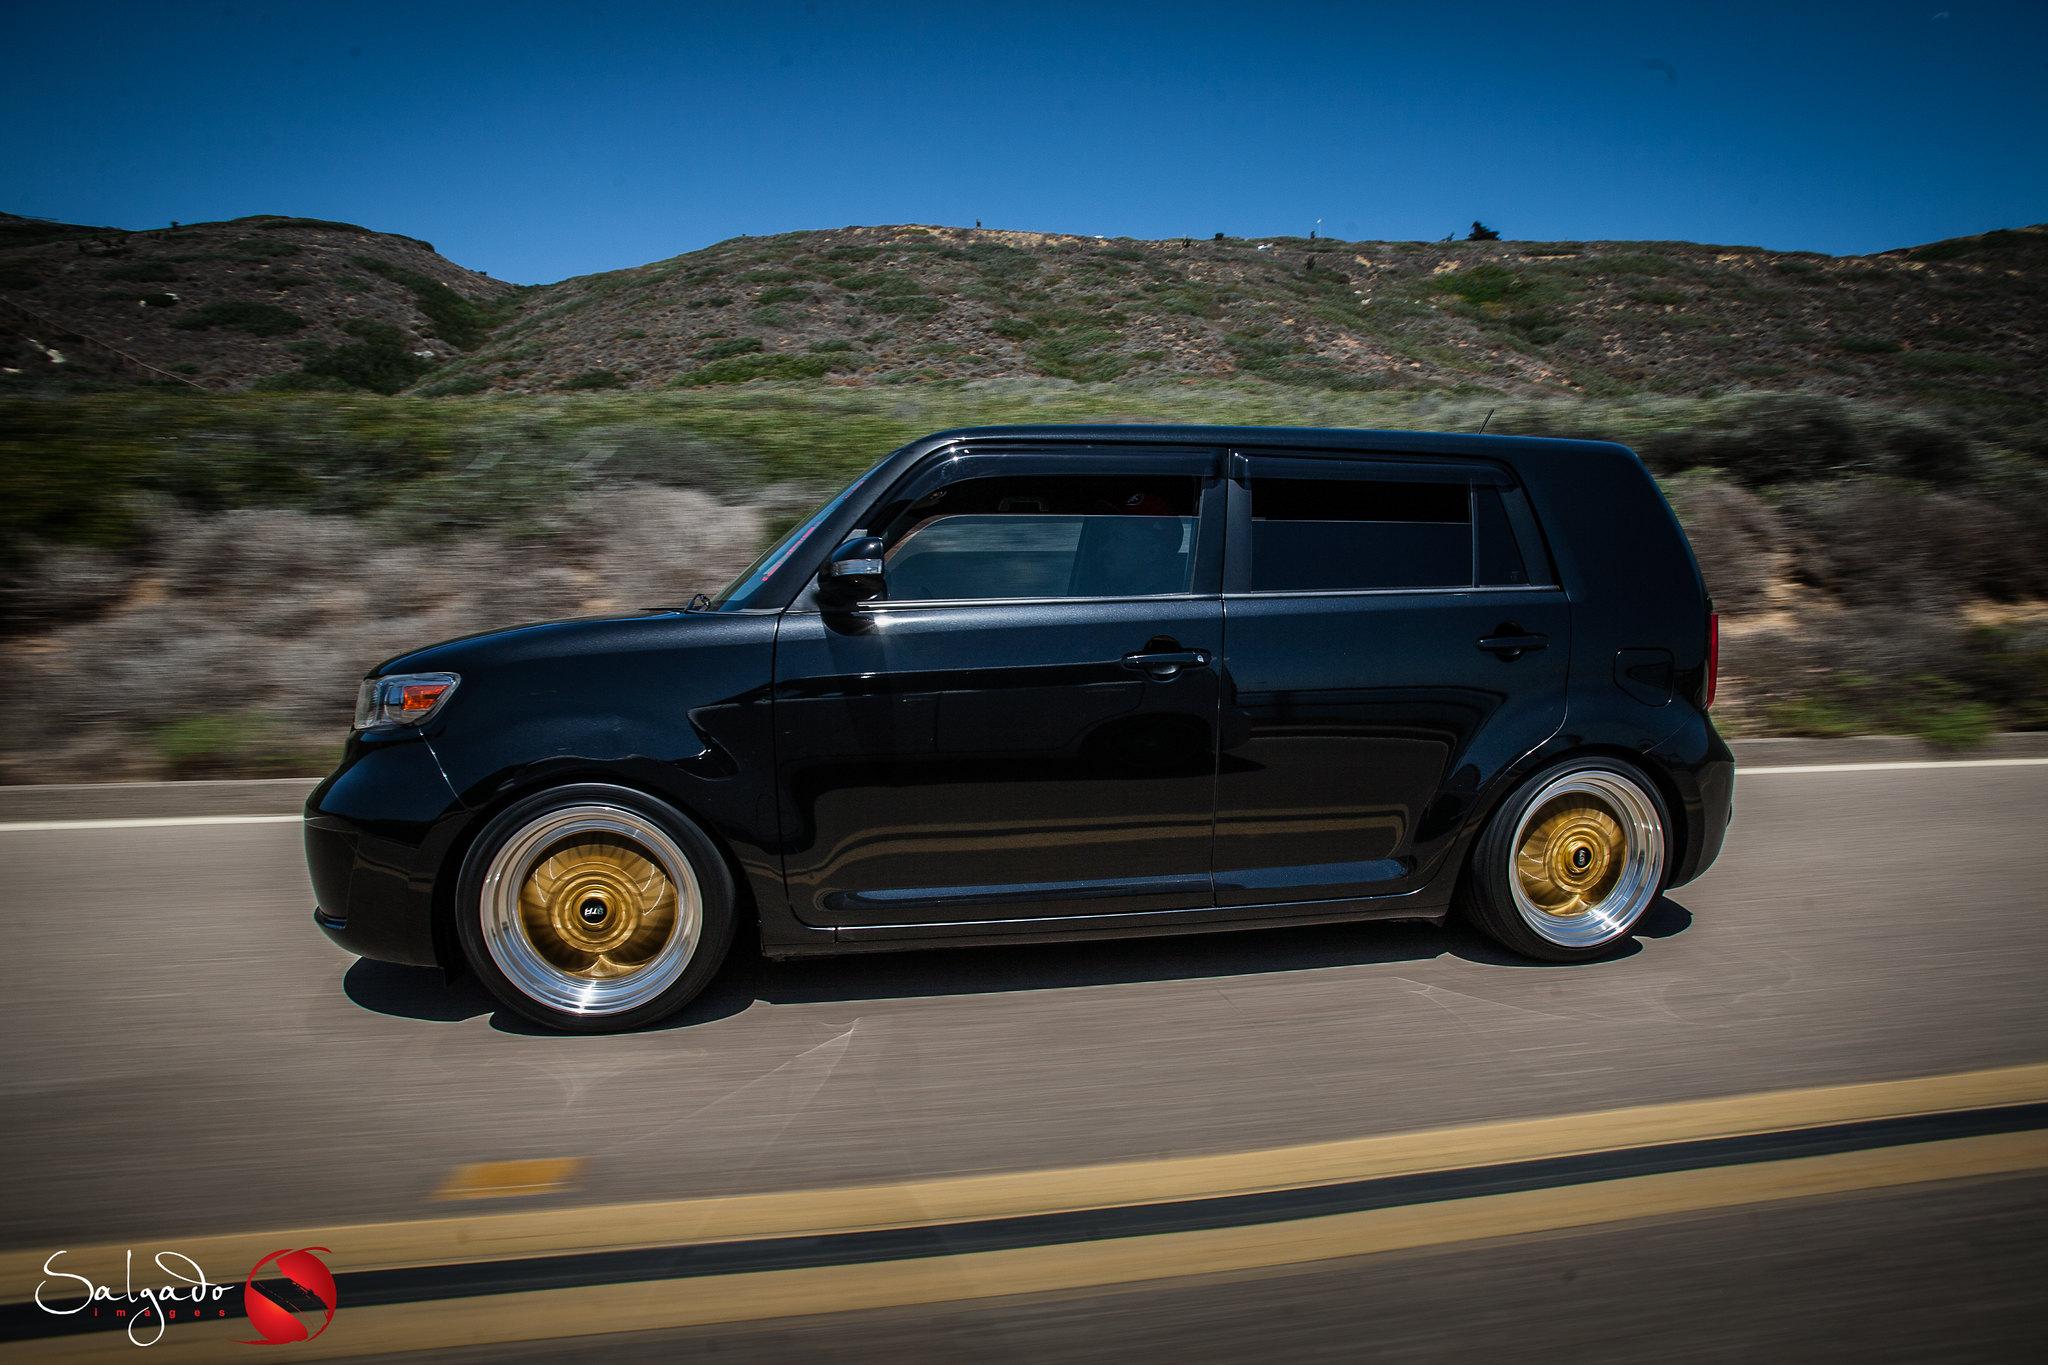 Buy A New Toyota Long Beach Toyota Dealer Near Cerritos